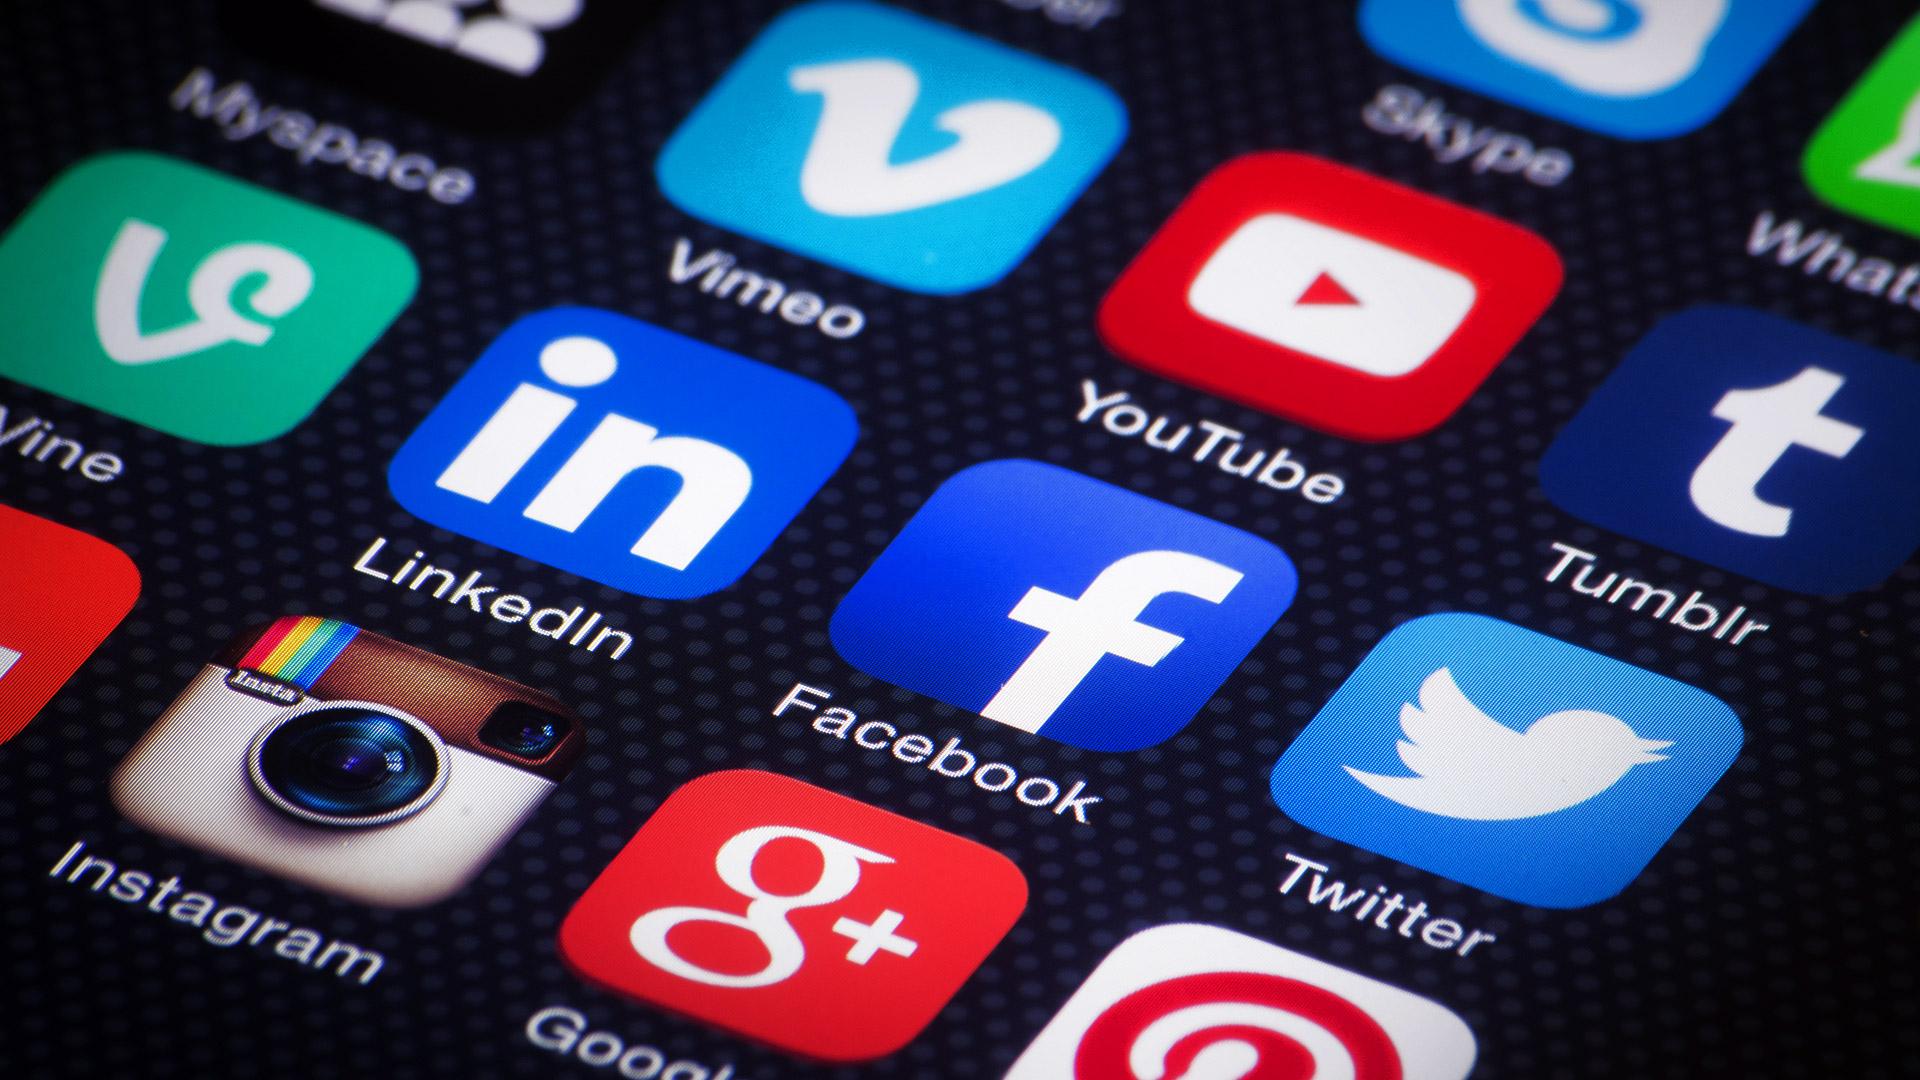 social-media-mobile-apps-ss-1920.jpg